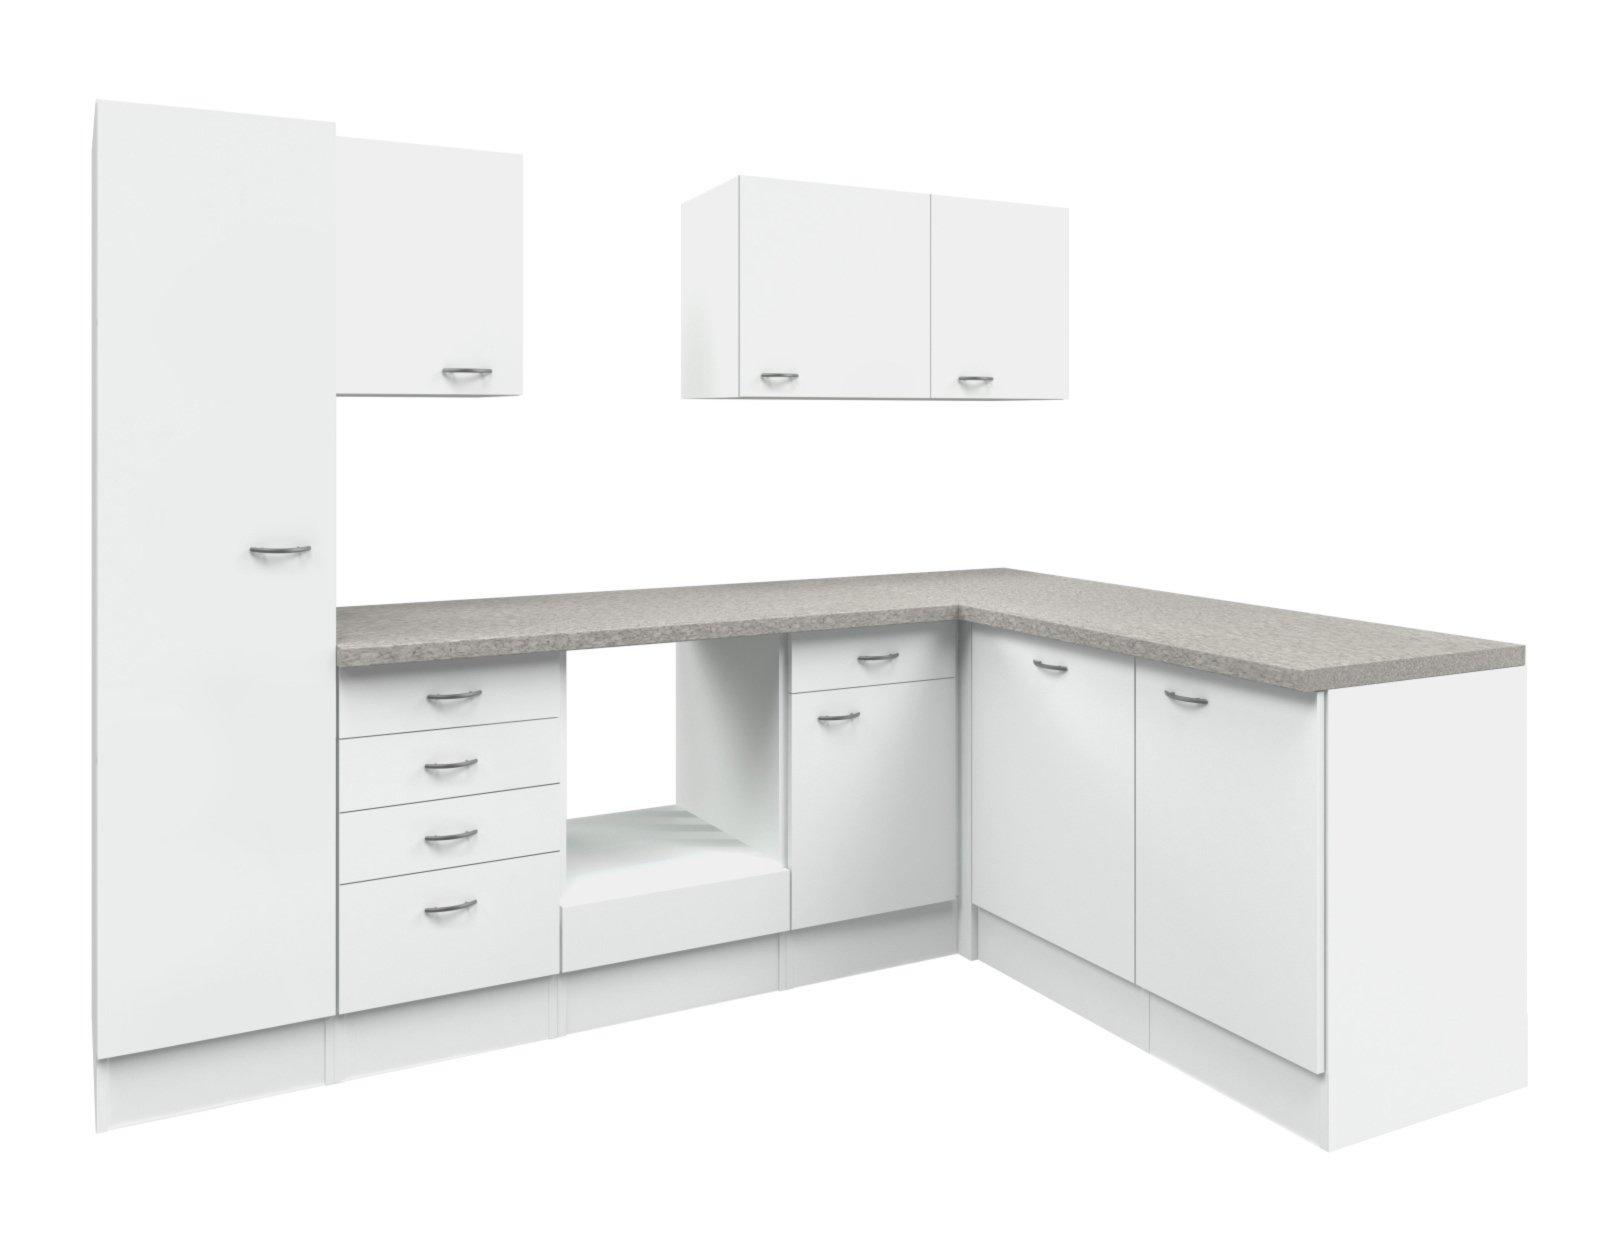 Schau Mal Was Ich Bei Roller Gefunden Habe Winkelküche Wito Weiß Grau  270x170 Cm